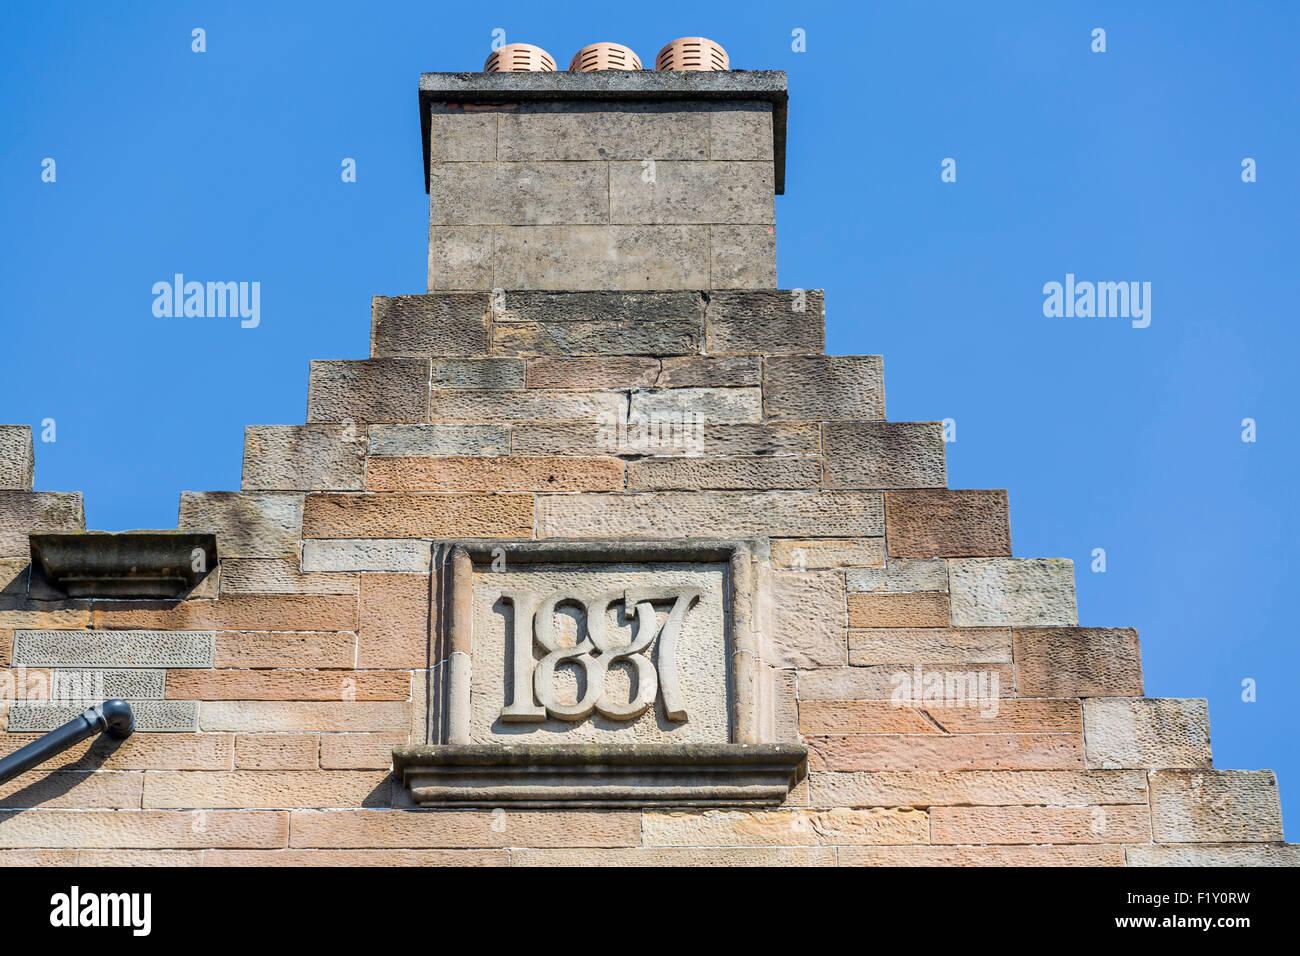 Merchant City Glasgow. Une pierre de 1887 sur une cheminée de maison, Écosse, Royaume-Uni Banque D'Images